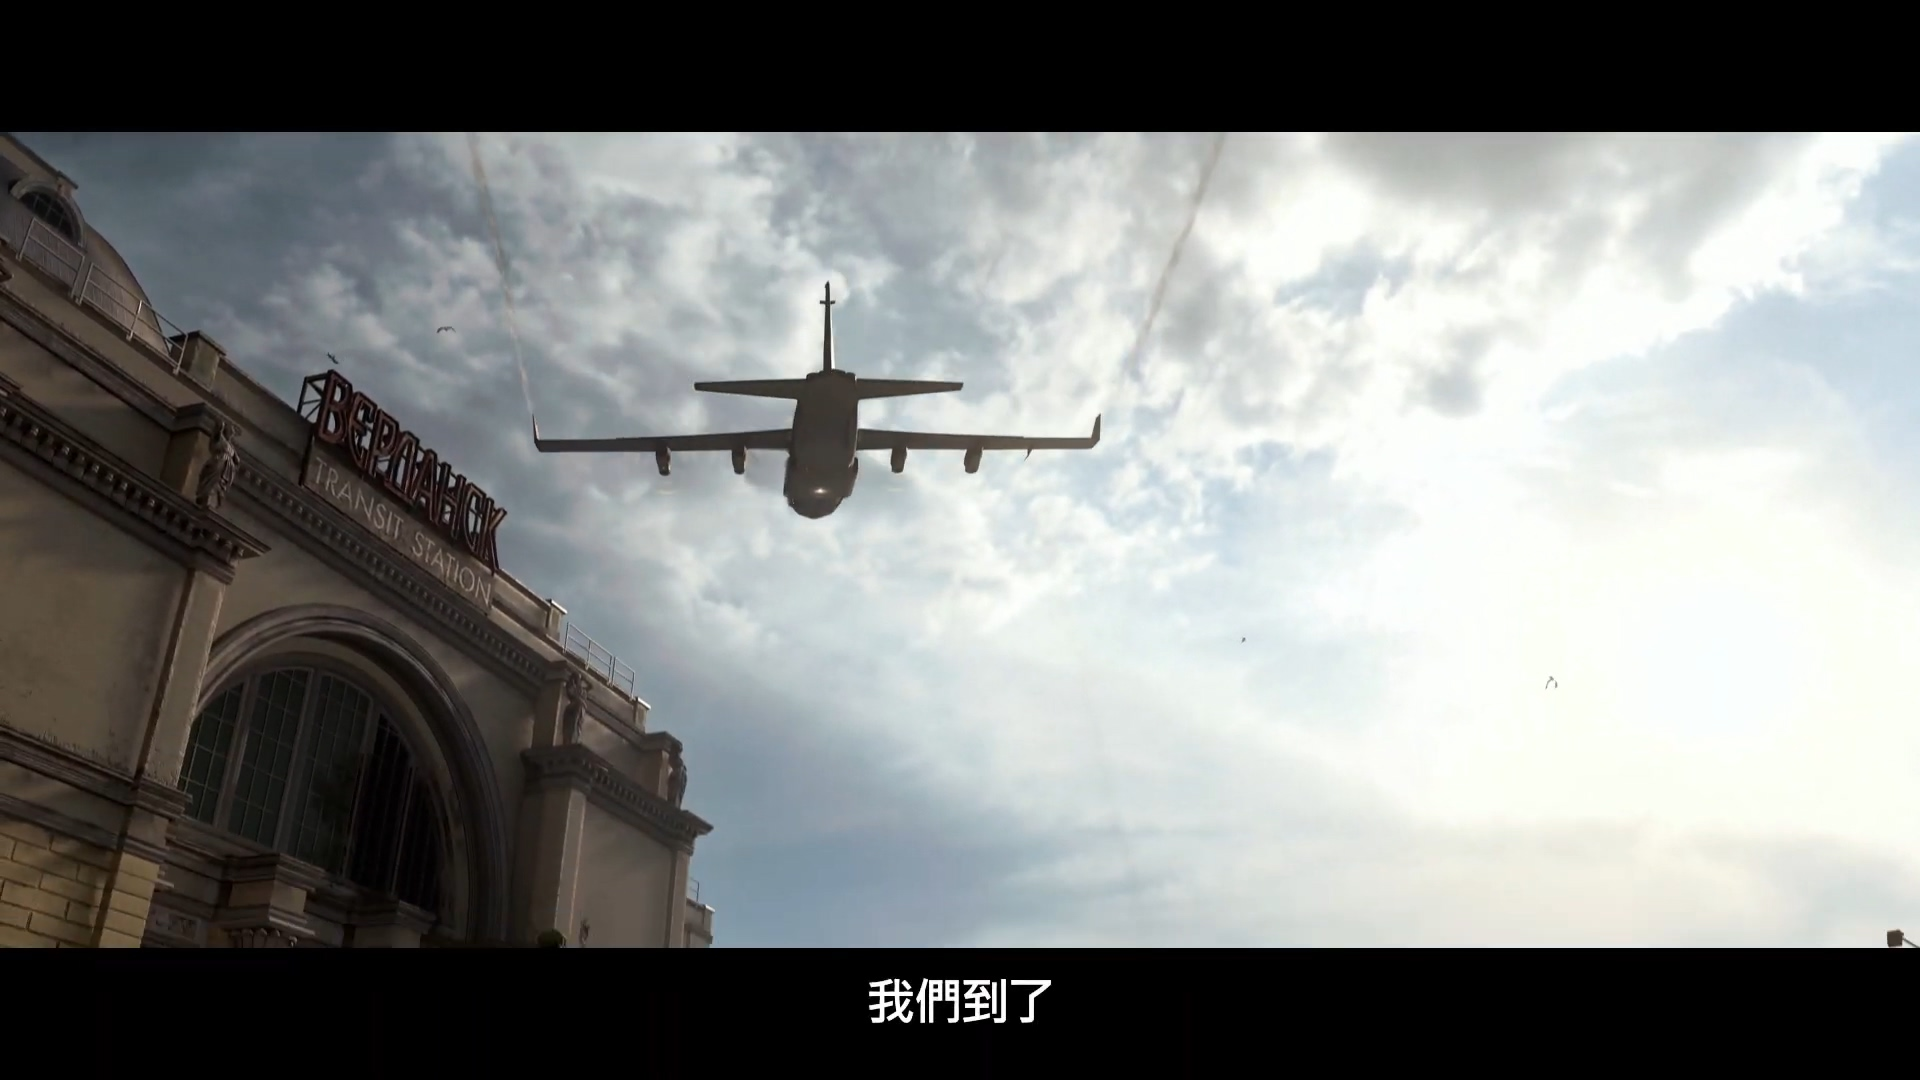 200人大混战《使命召唤:战区》发布佛丹斯科预告